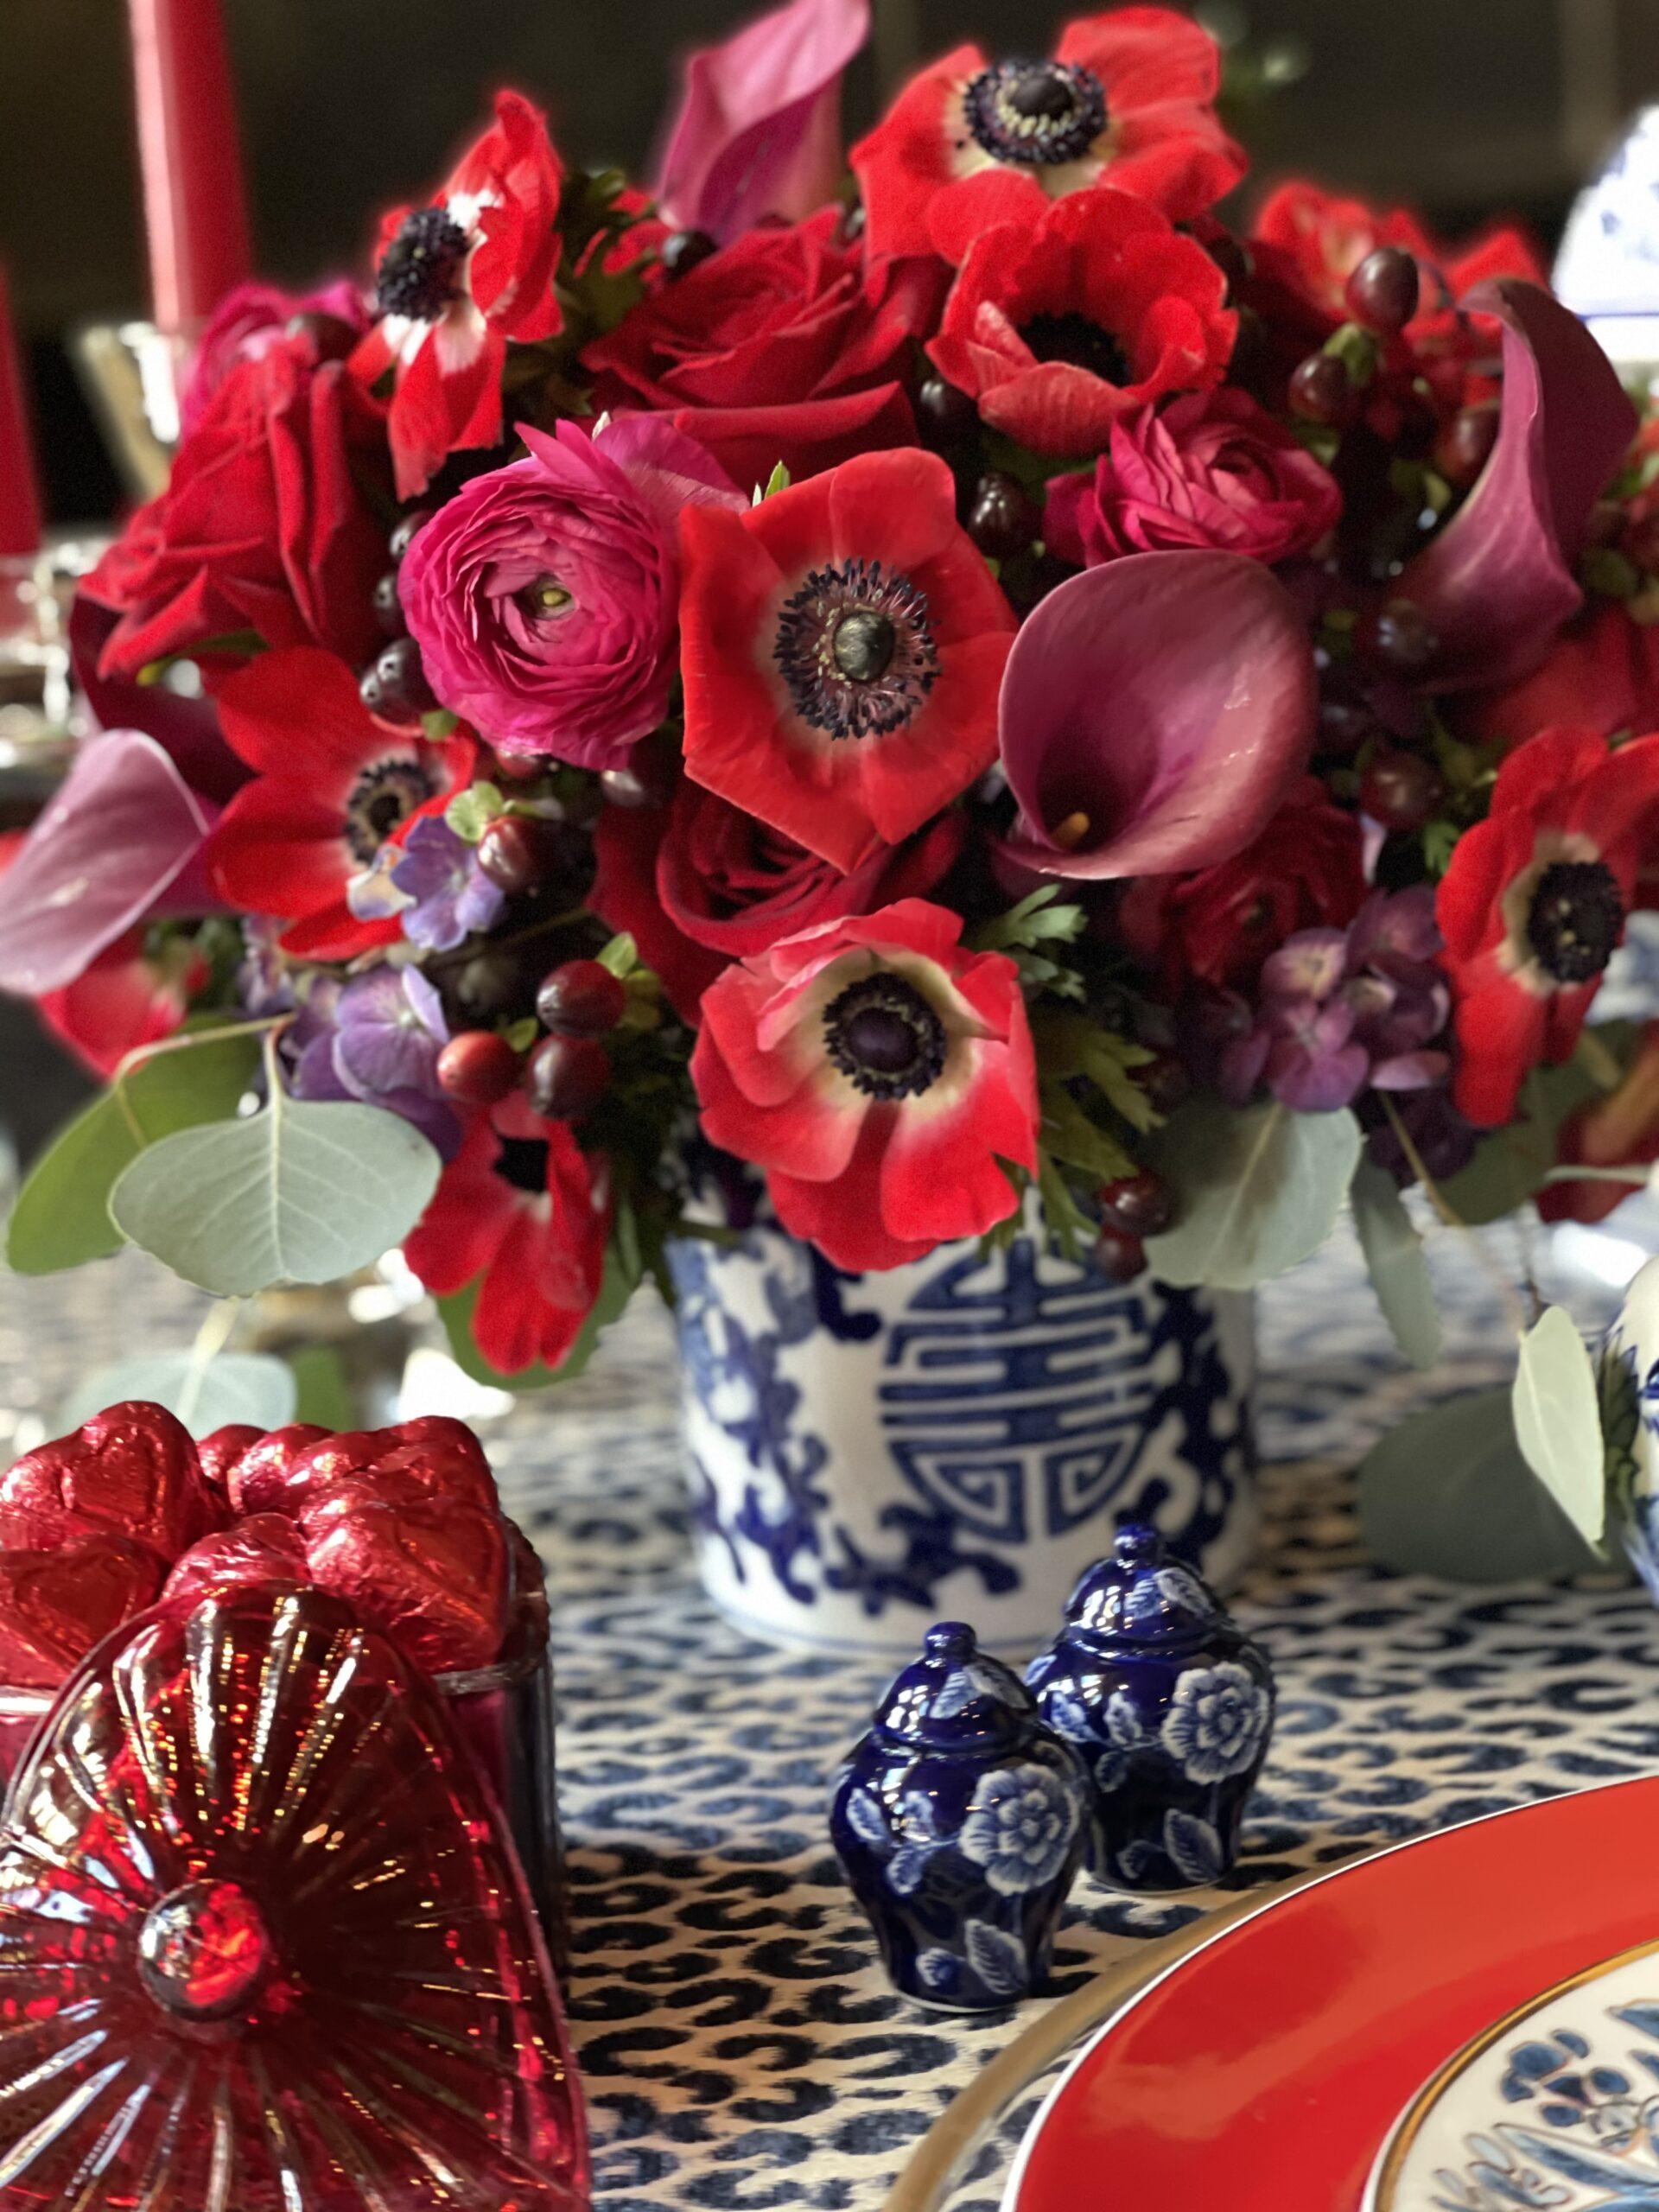 valentines or galentines floral centerpiece/ arrangement